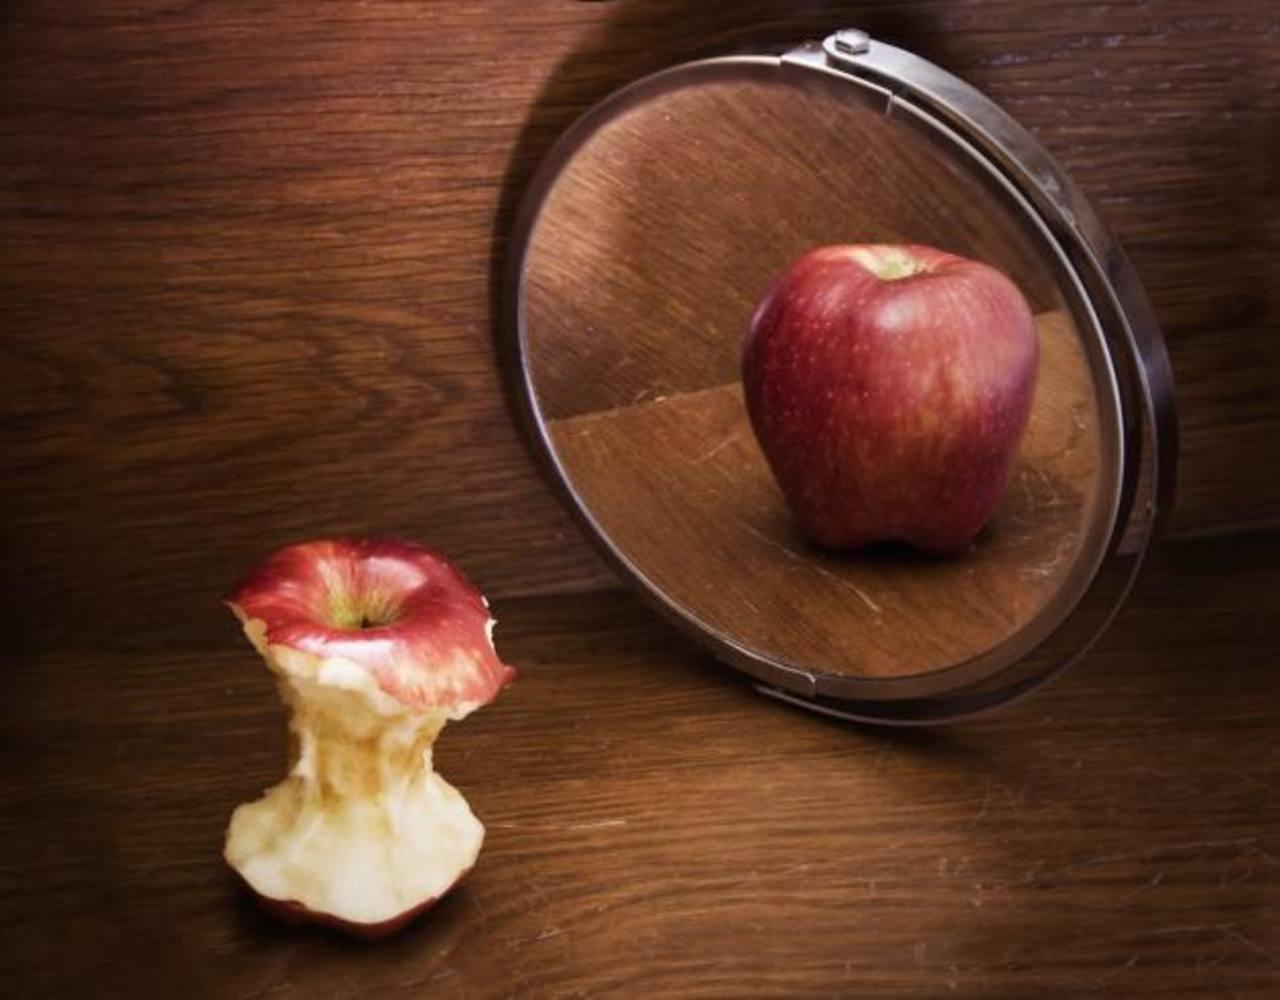 La anorexia afecta a mujeres y hombres, principalmente durante la adolescencia.